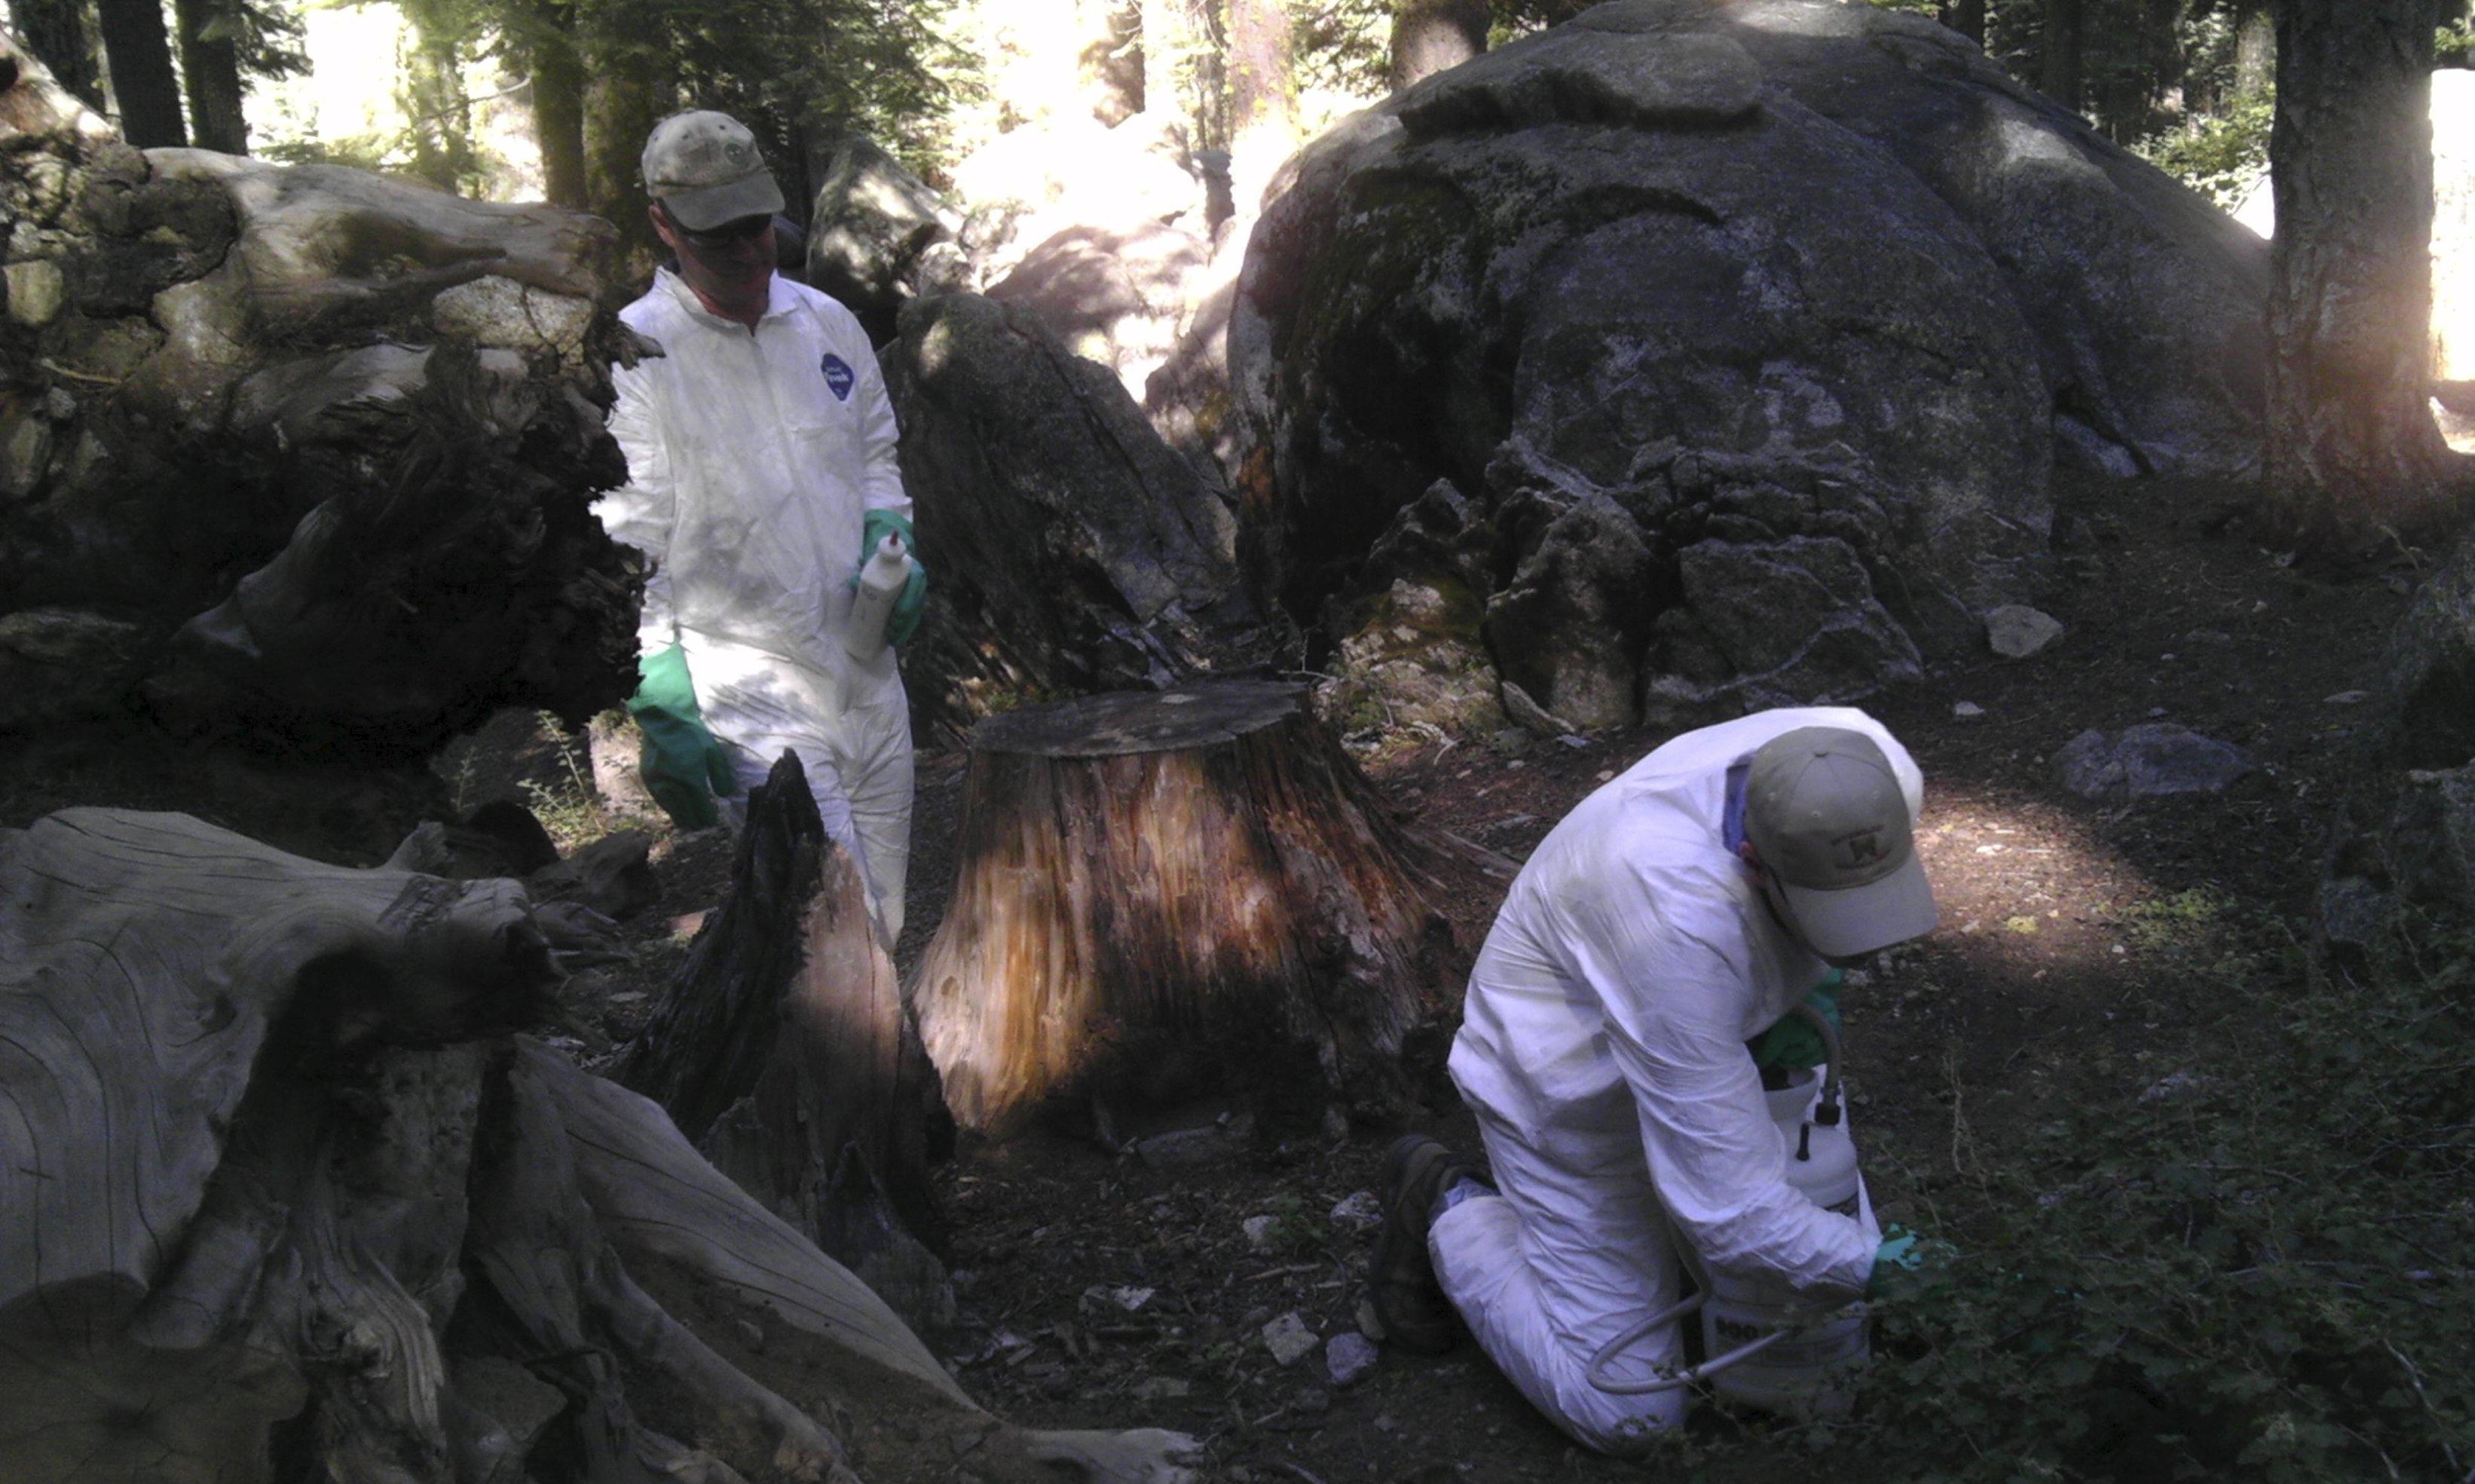 Squirrels with plague and tree-limb deaths darken Yosemite summer